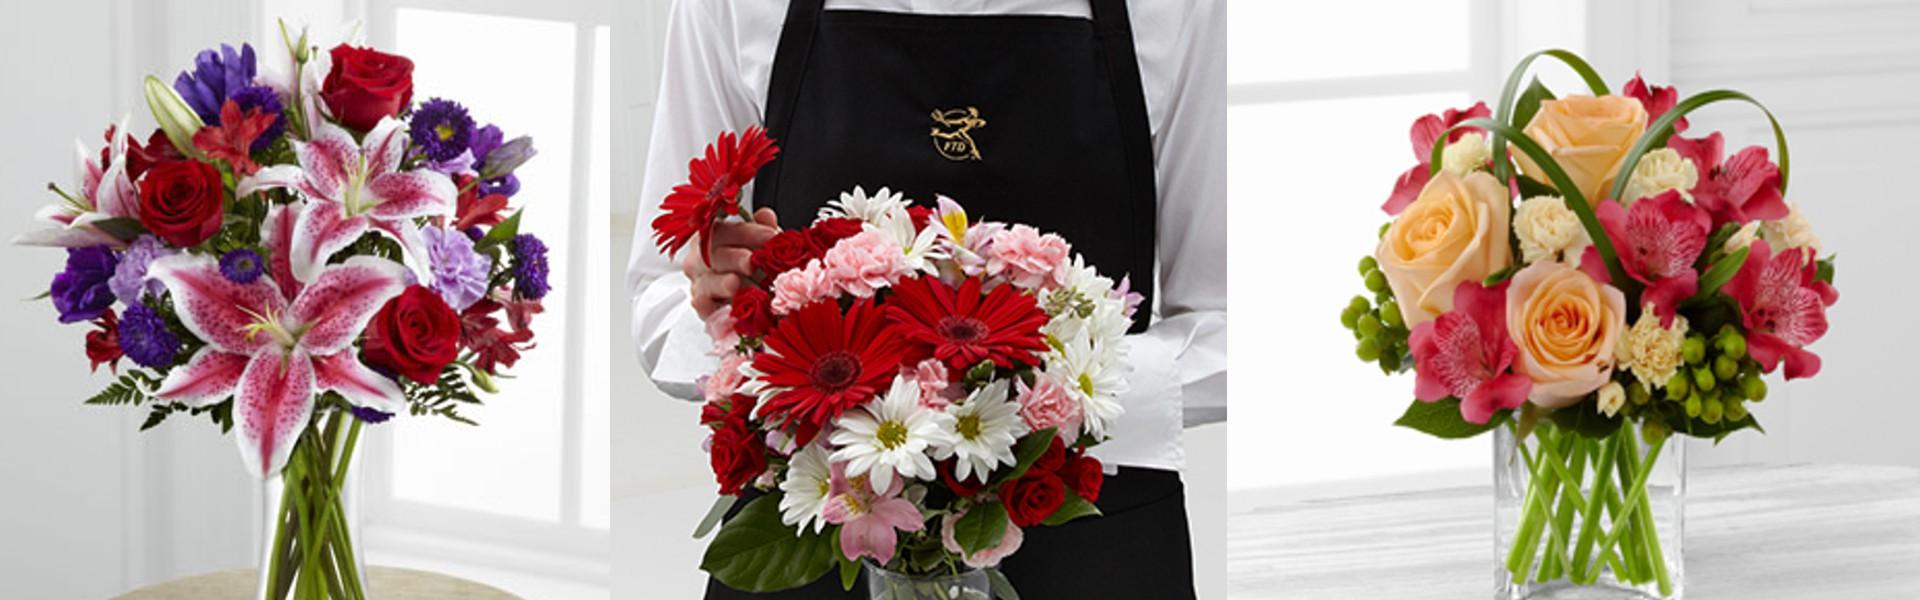 Tony The Florist